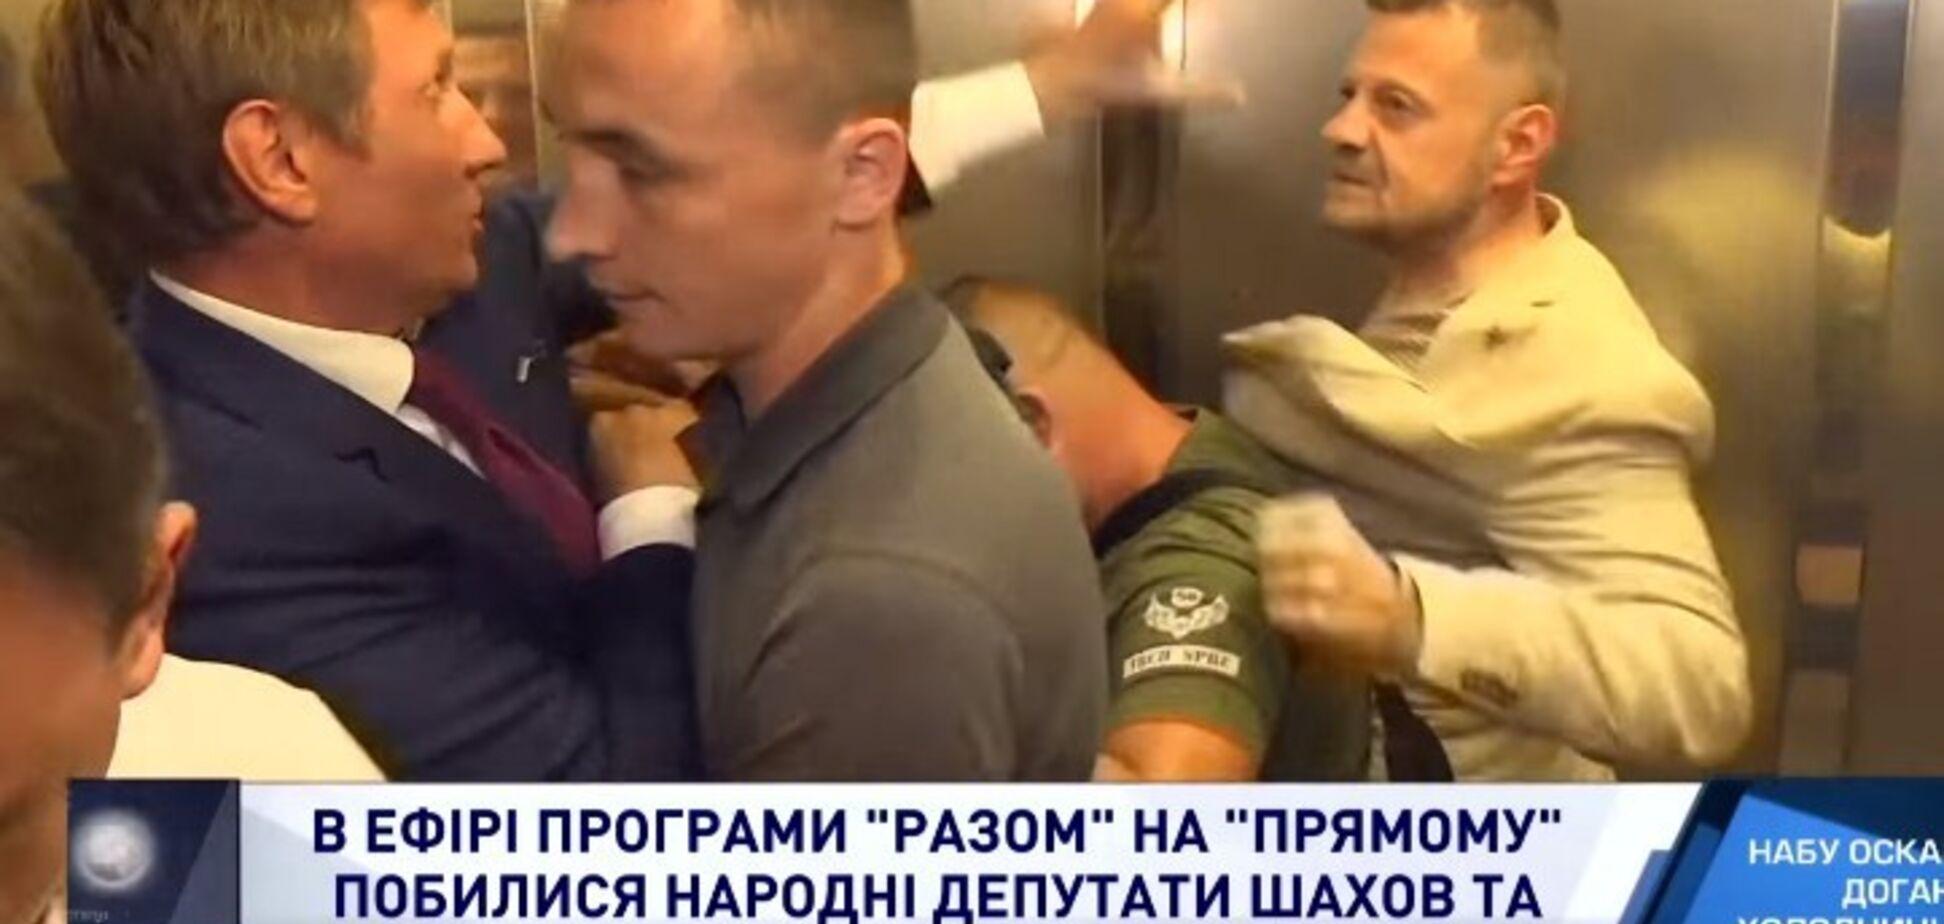 'Другий раунд' бійки: нардепи епічно зчепилися у ліфті